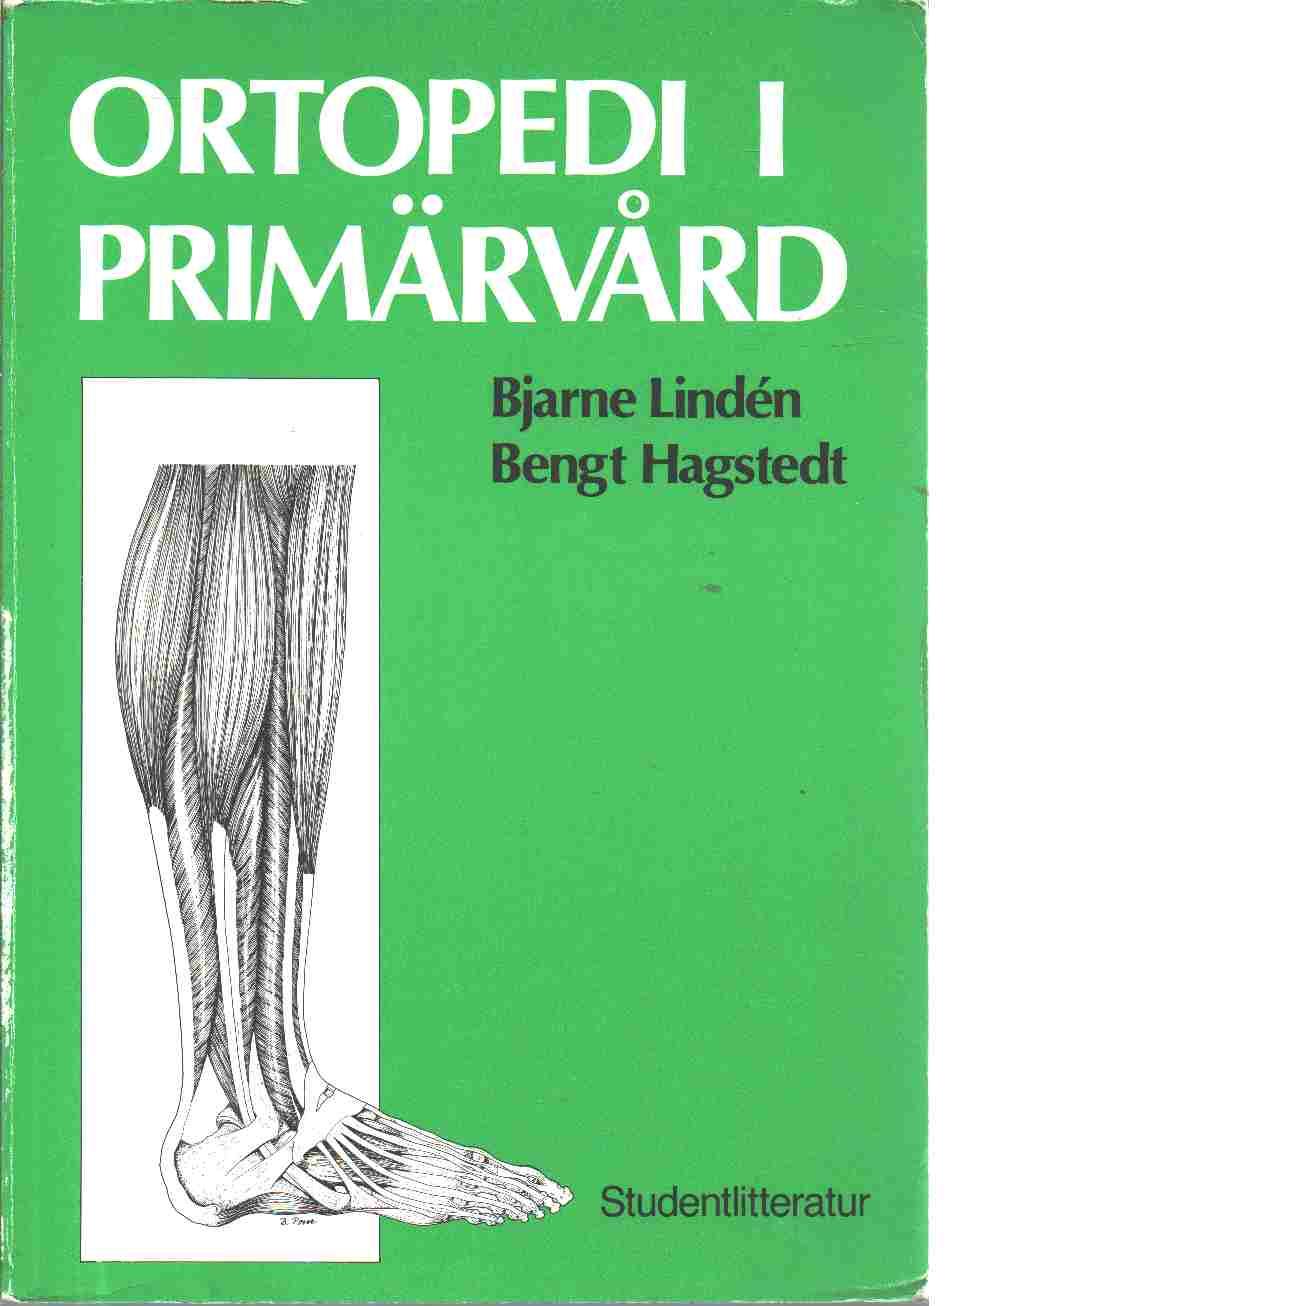 Ortopedi i primärvård - Lindén, Bjarne C. och Hagstedt, Bengt